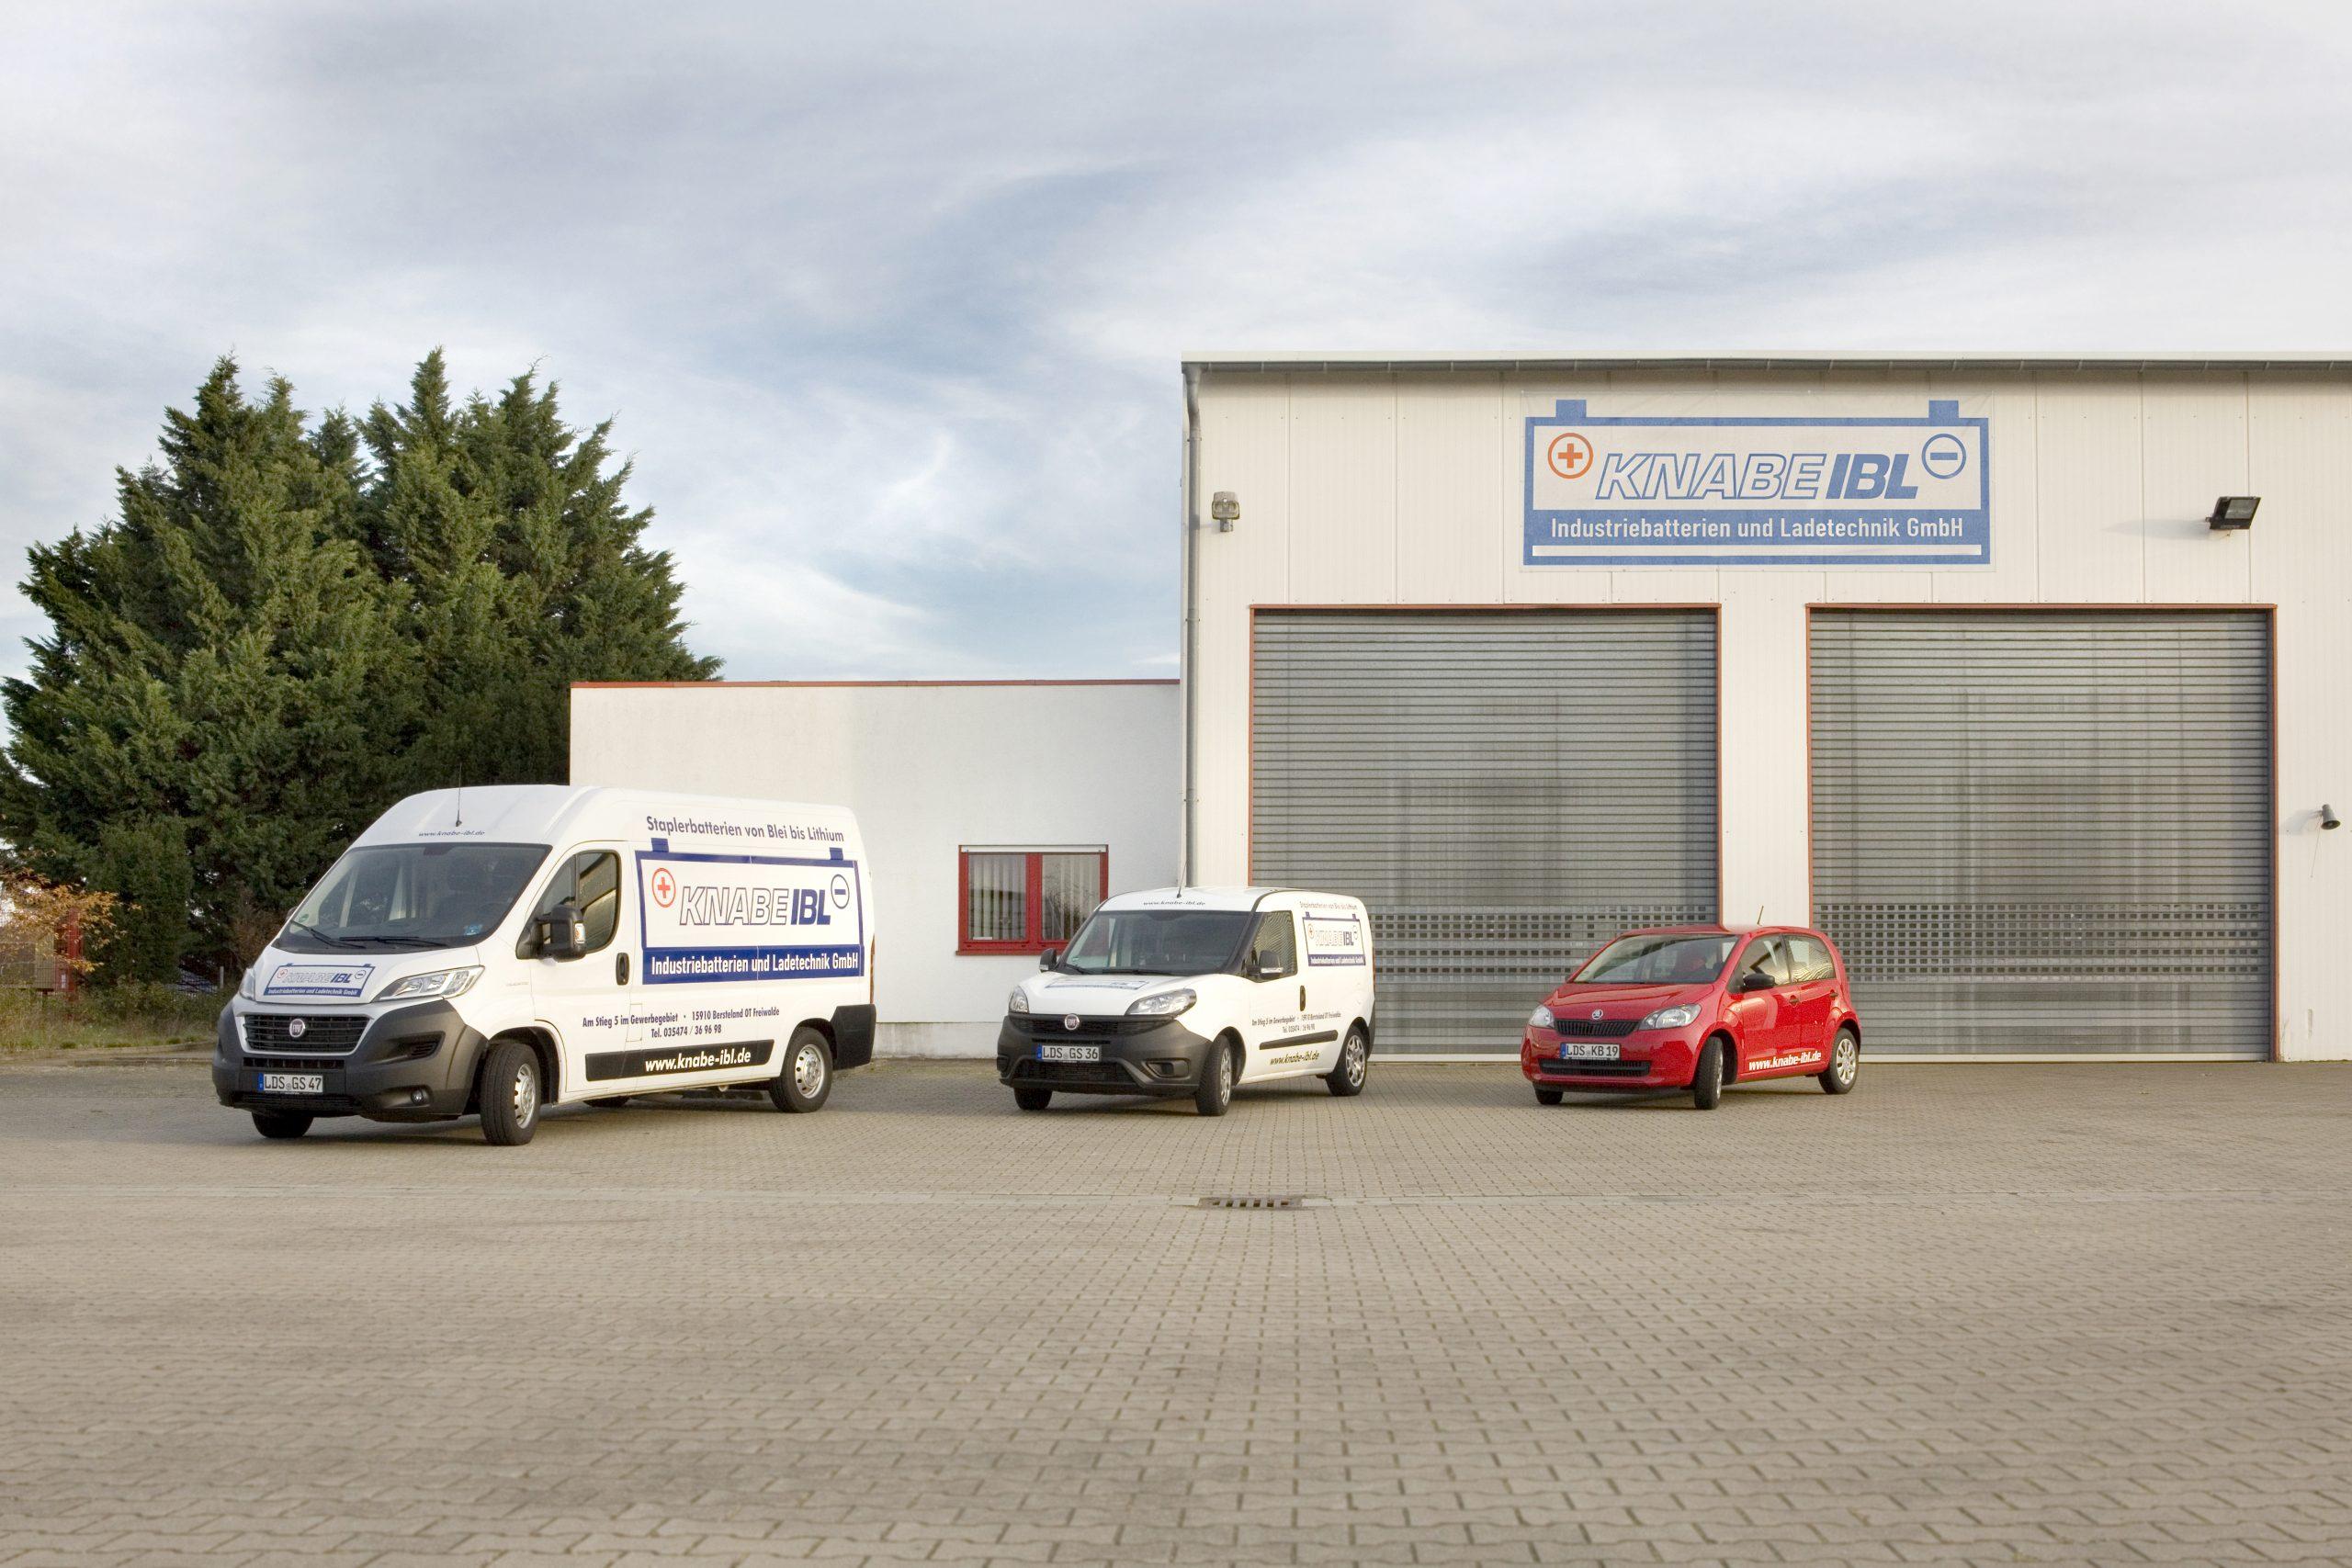 Auf diesem Foto sind Firmenwagen der Firma Knabe IBL – Industriebatterien und Ladetechnik GmbH zu sehen.